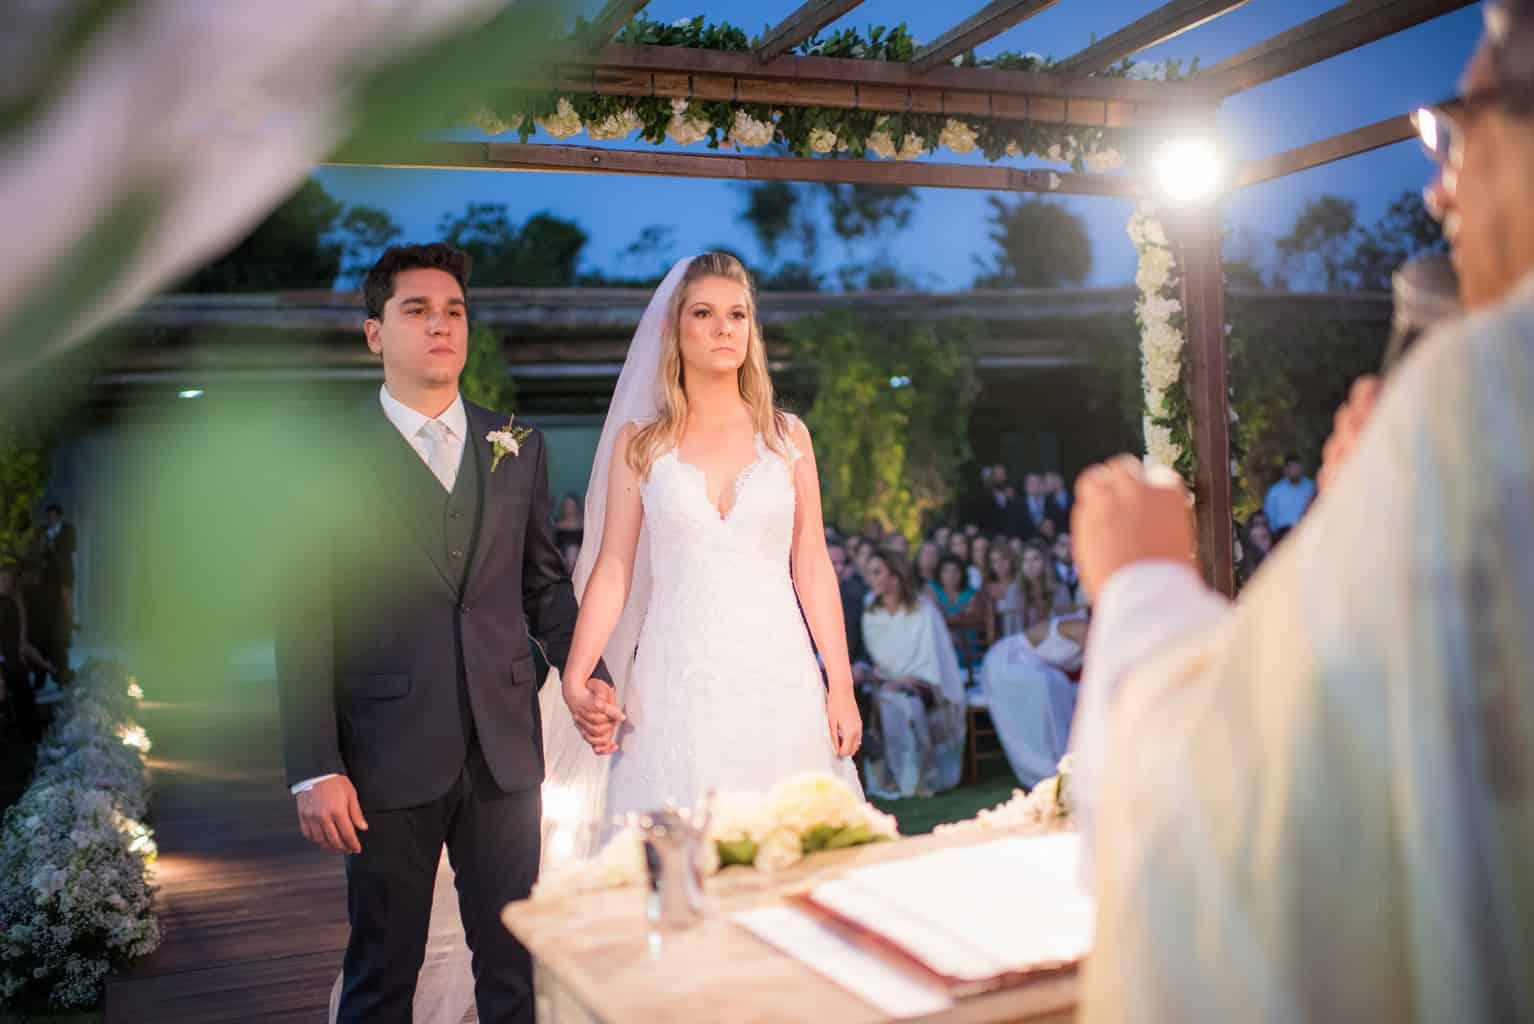 casamento-de-dia-casamento-Nicole-e-Thales-casamento-no-jardim-csasamento-ao-ar-livre-Fotografia-Marina-Fava-Galeria-Jardim-Rio-de-Janeiro-87